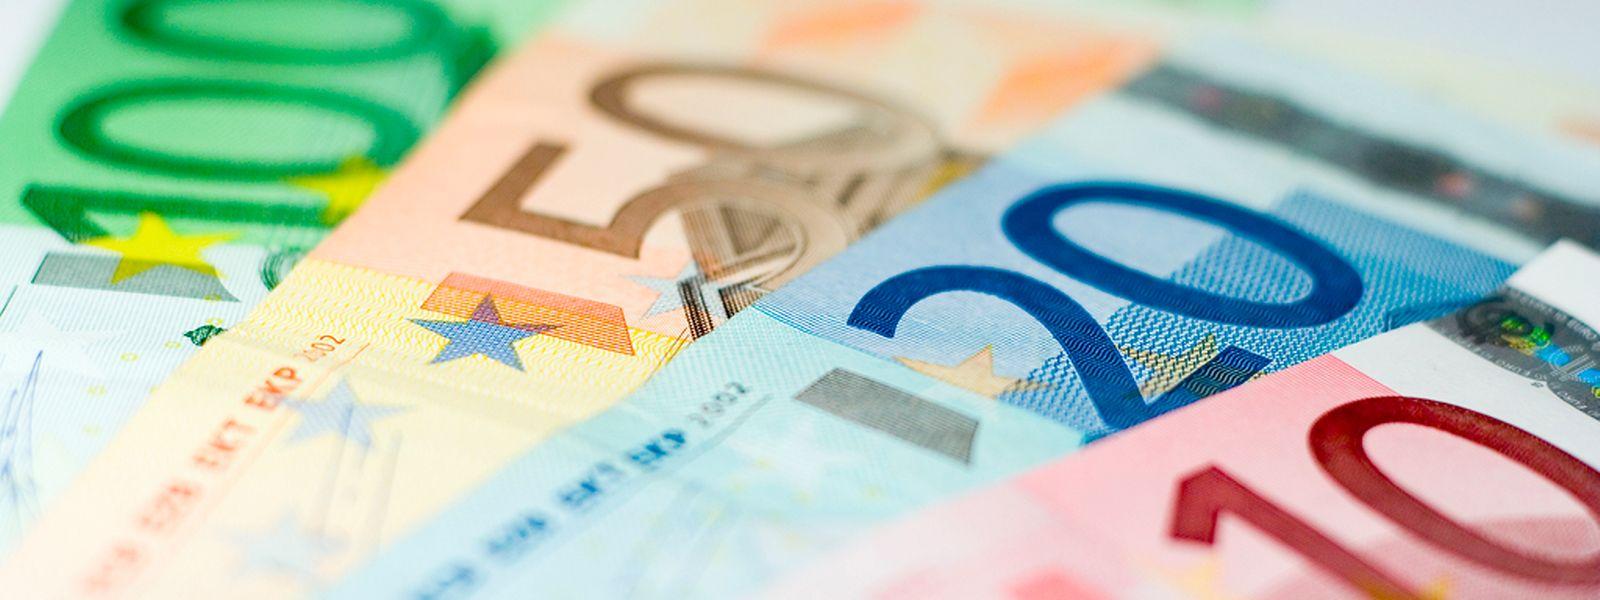 Eine Senkung der Betriebsbesteuerung würde es Luxemburg ermöglichen wettbewerbsfähig zu bleiben, heißt es in dem Gutachten von PricewaterhouseCoopers.